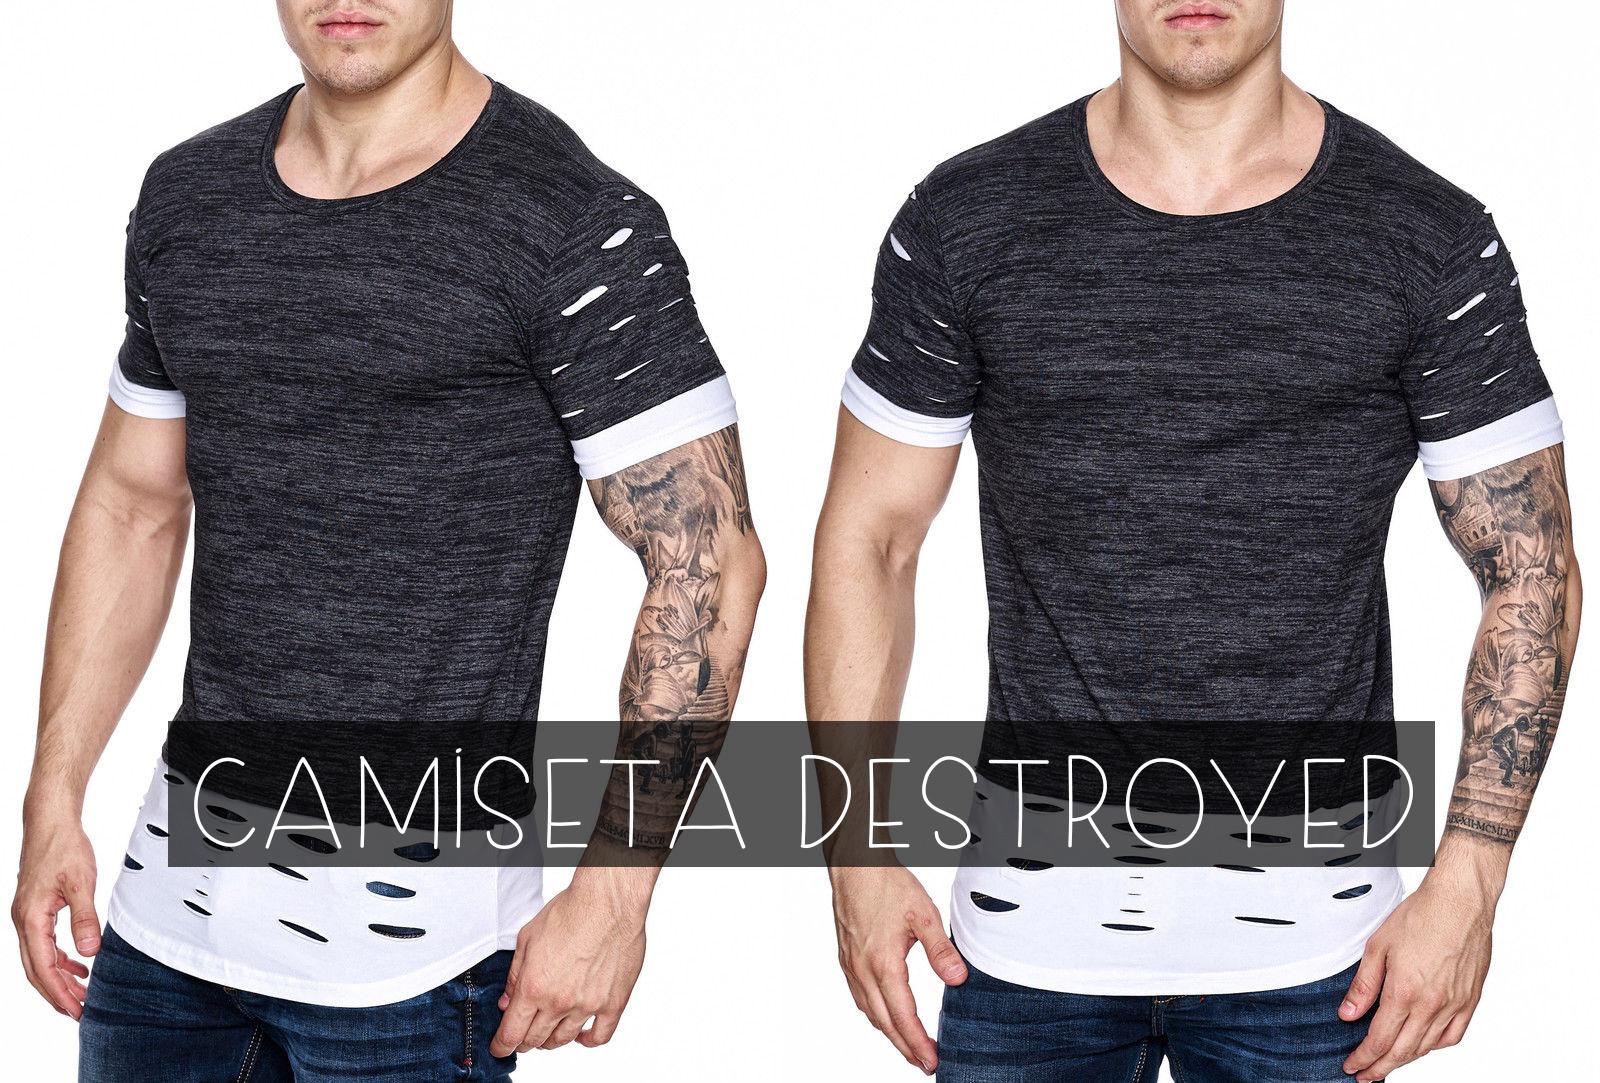 Camiseta Destroyed  Vista-se com estilo e atitude - Marco da Moda cdbfd5c1e14